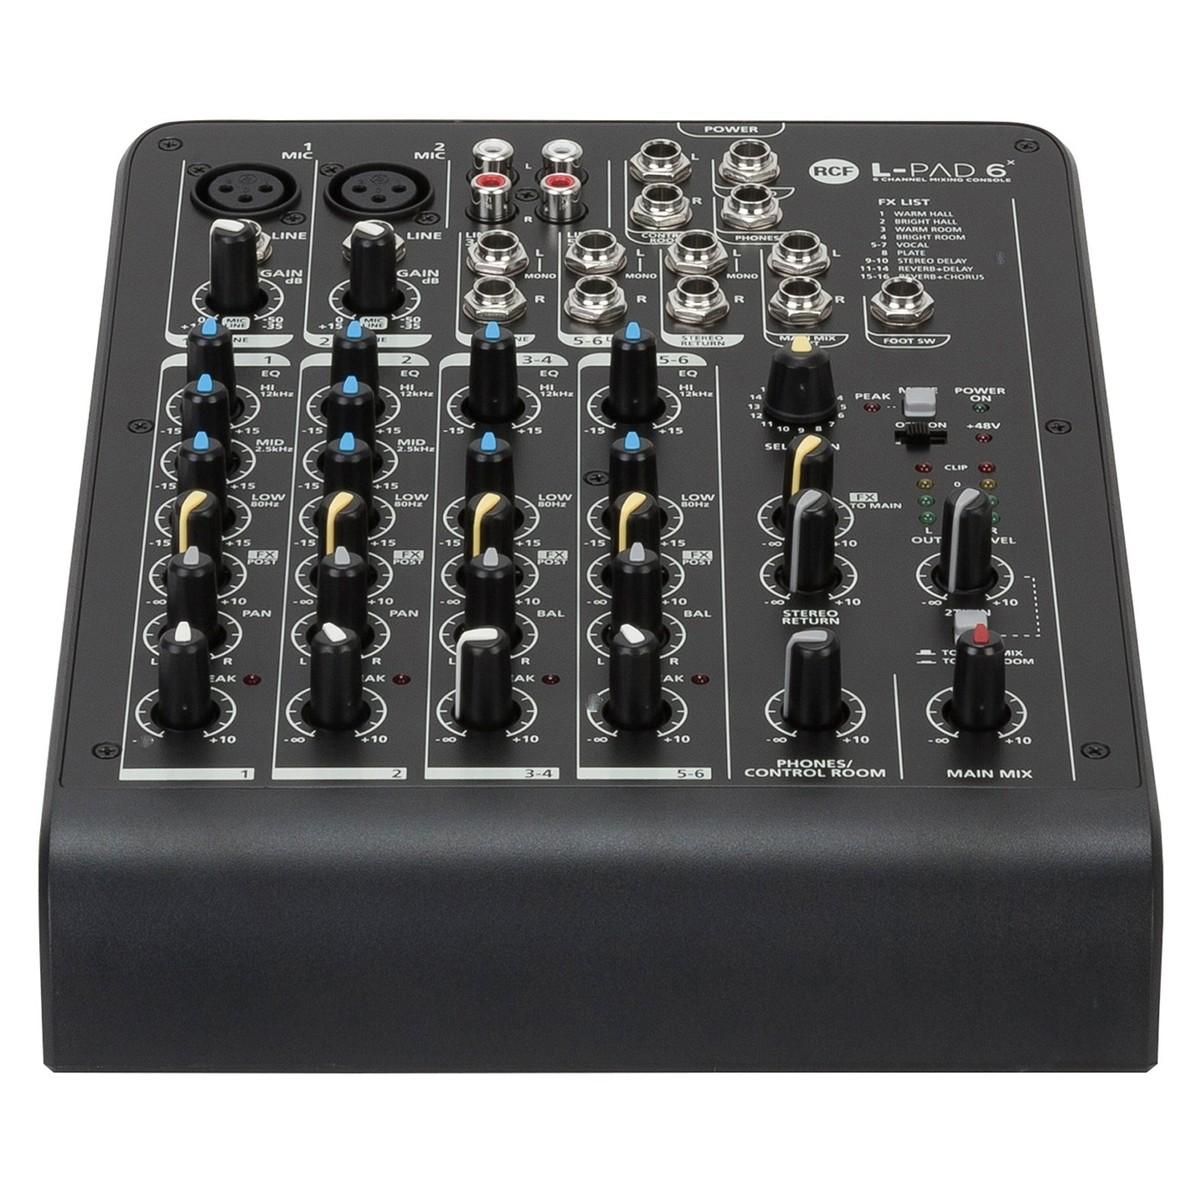 Table de mixage analogique rcf lpad6x audio 6 canaux - Table de mixage virtuel gratuit en francais ...